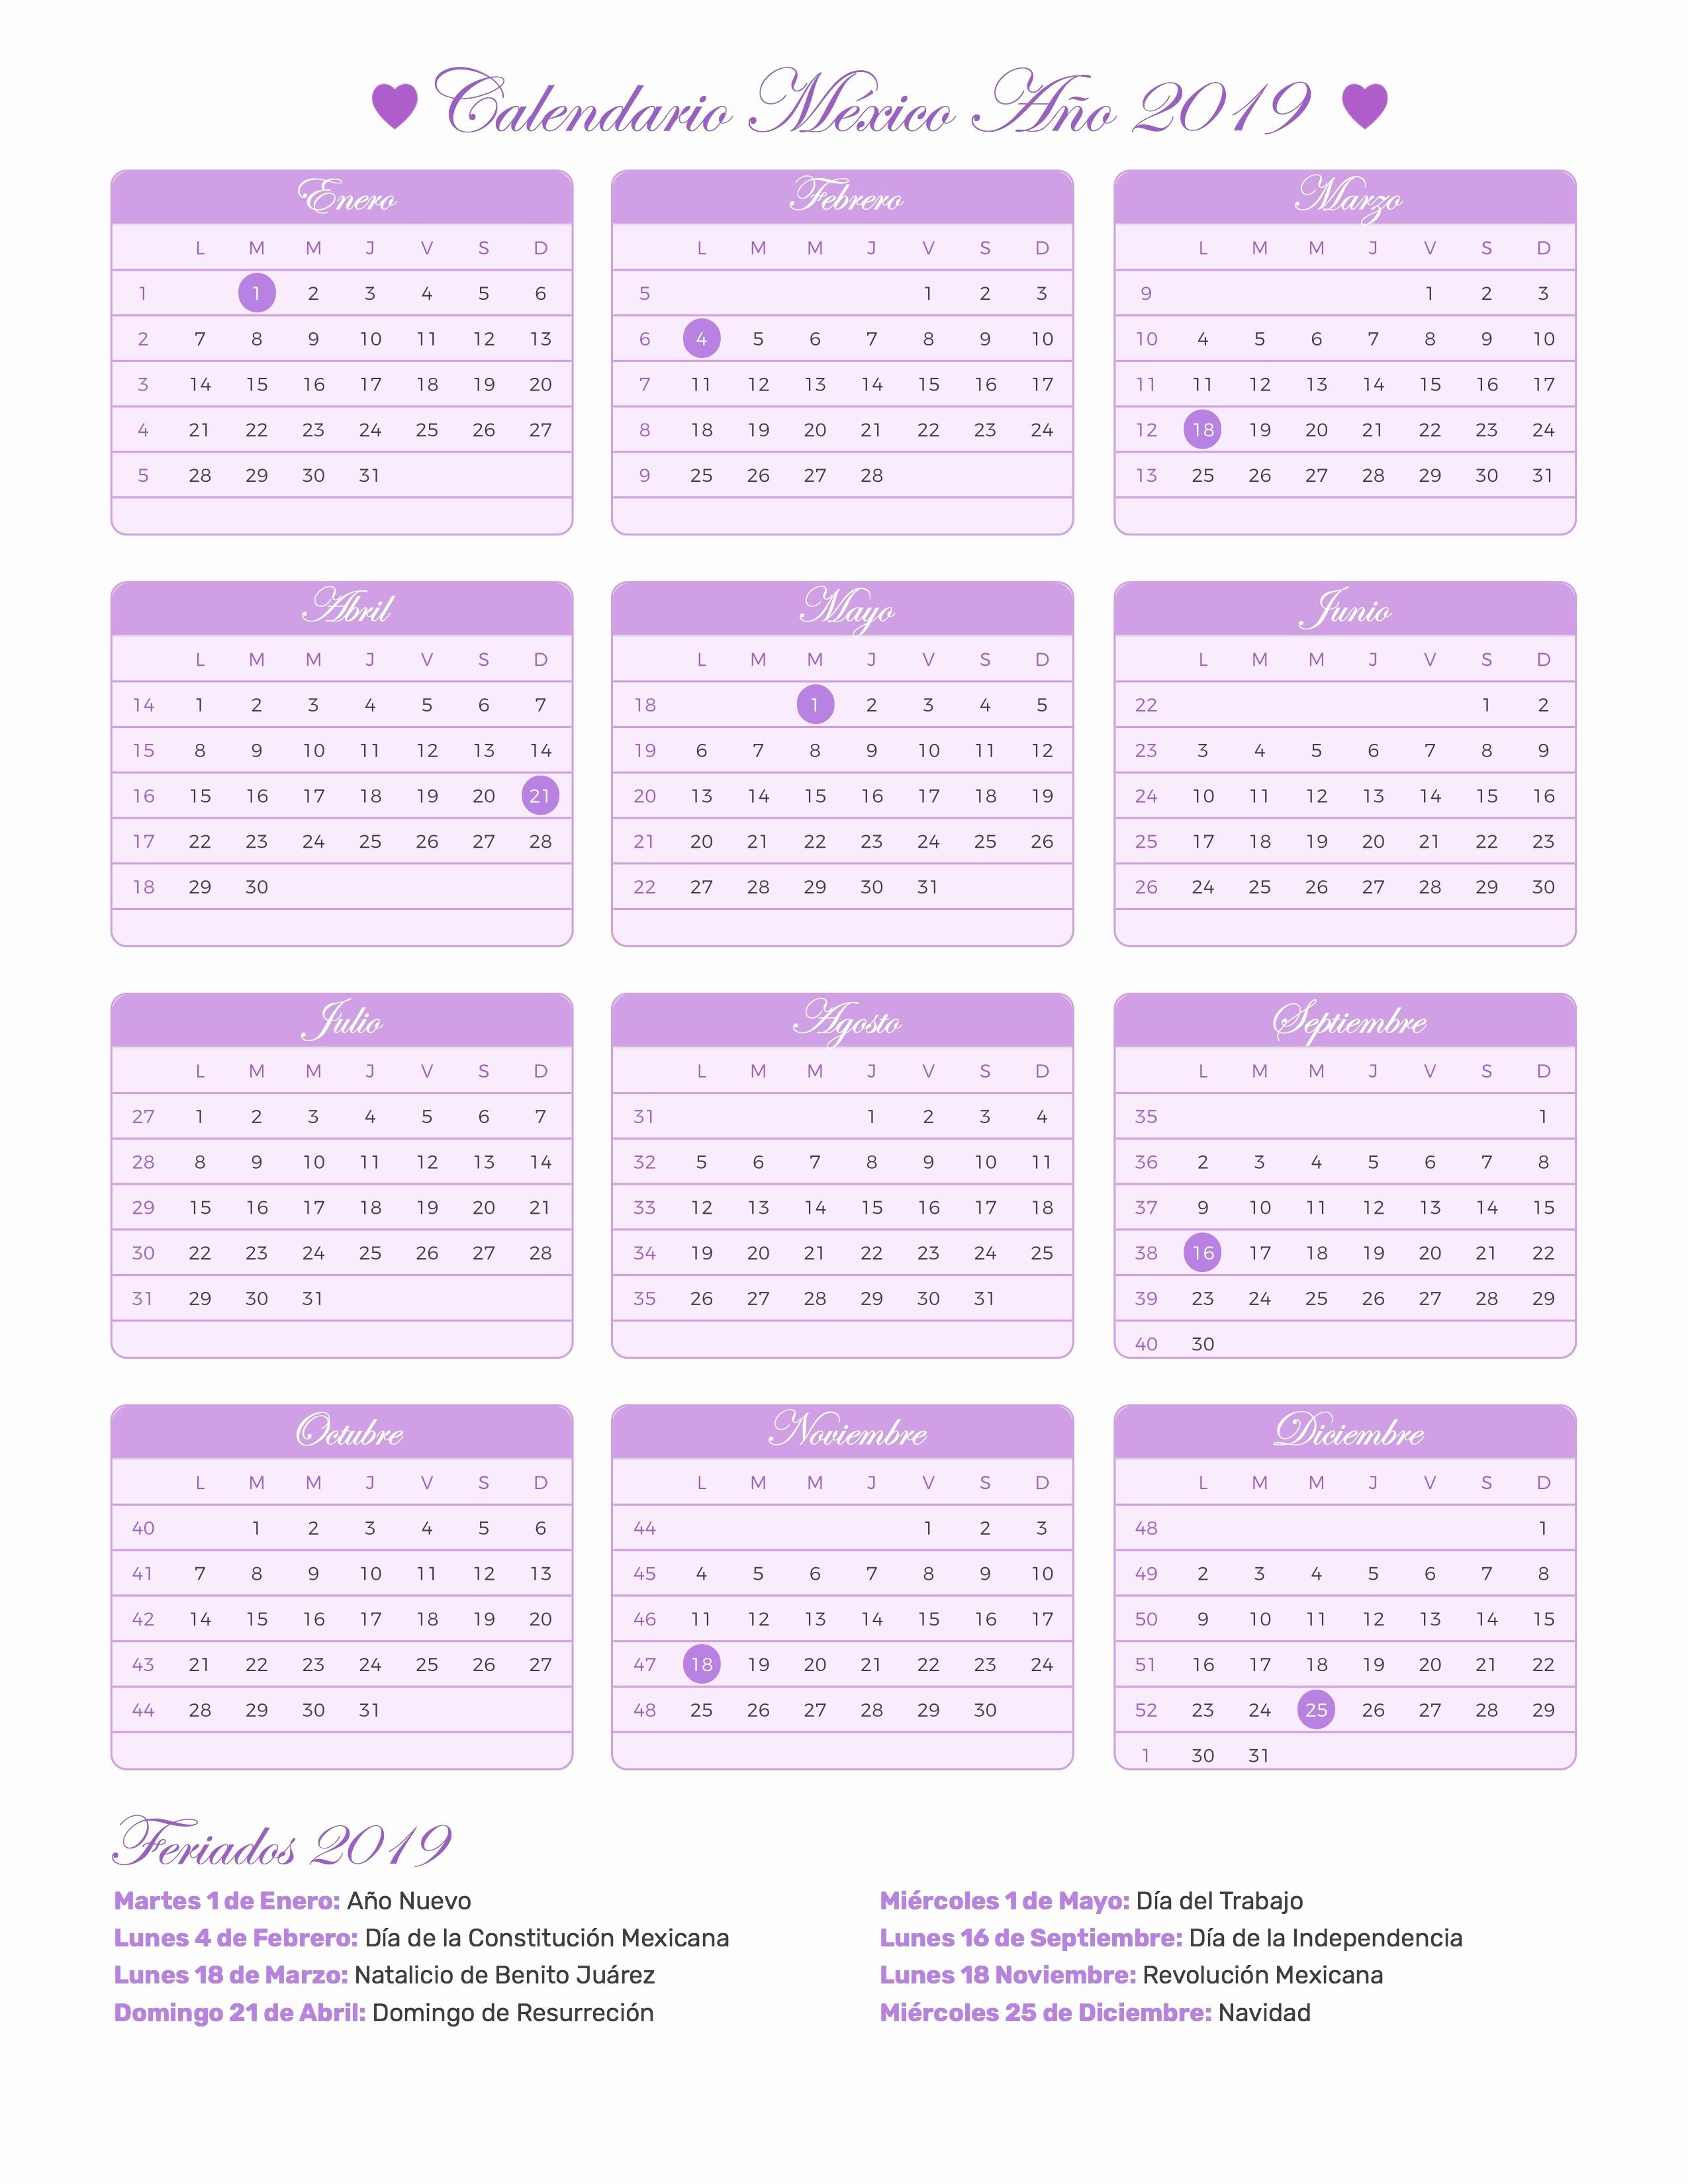 Calendario Diciembre 2017 Febrero 2018 Más Recientes Calendario Dr 2019 Calendario Laboral Madrid 2019 Of Calendario Diciembre 2017 Febrero 2018 Más Reciente Calendario 2018 Con Festivos — Fiesta De Lamusica Medellin